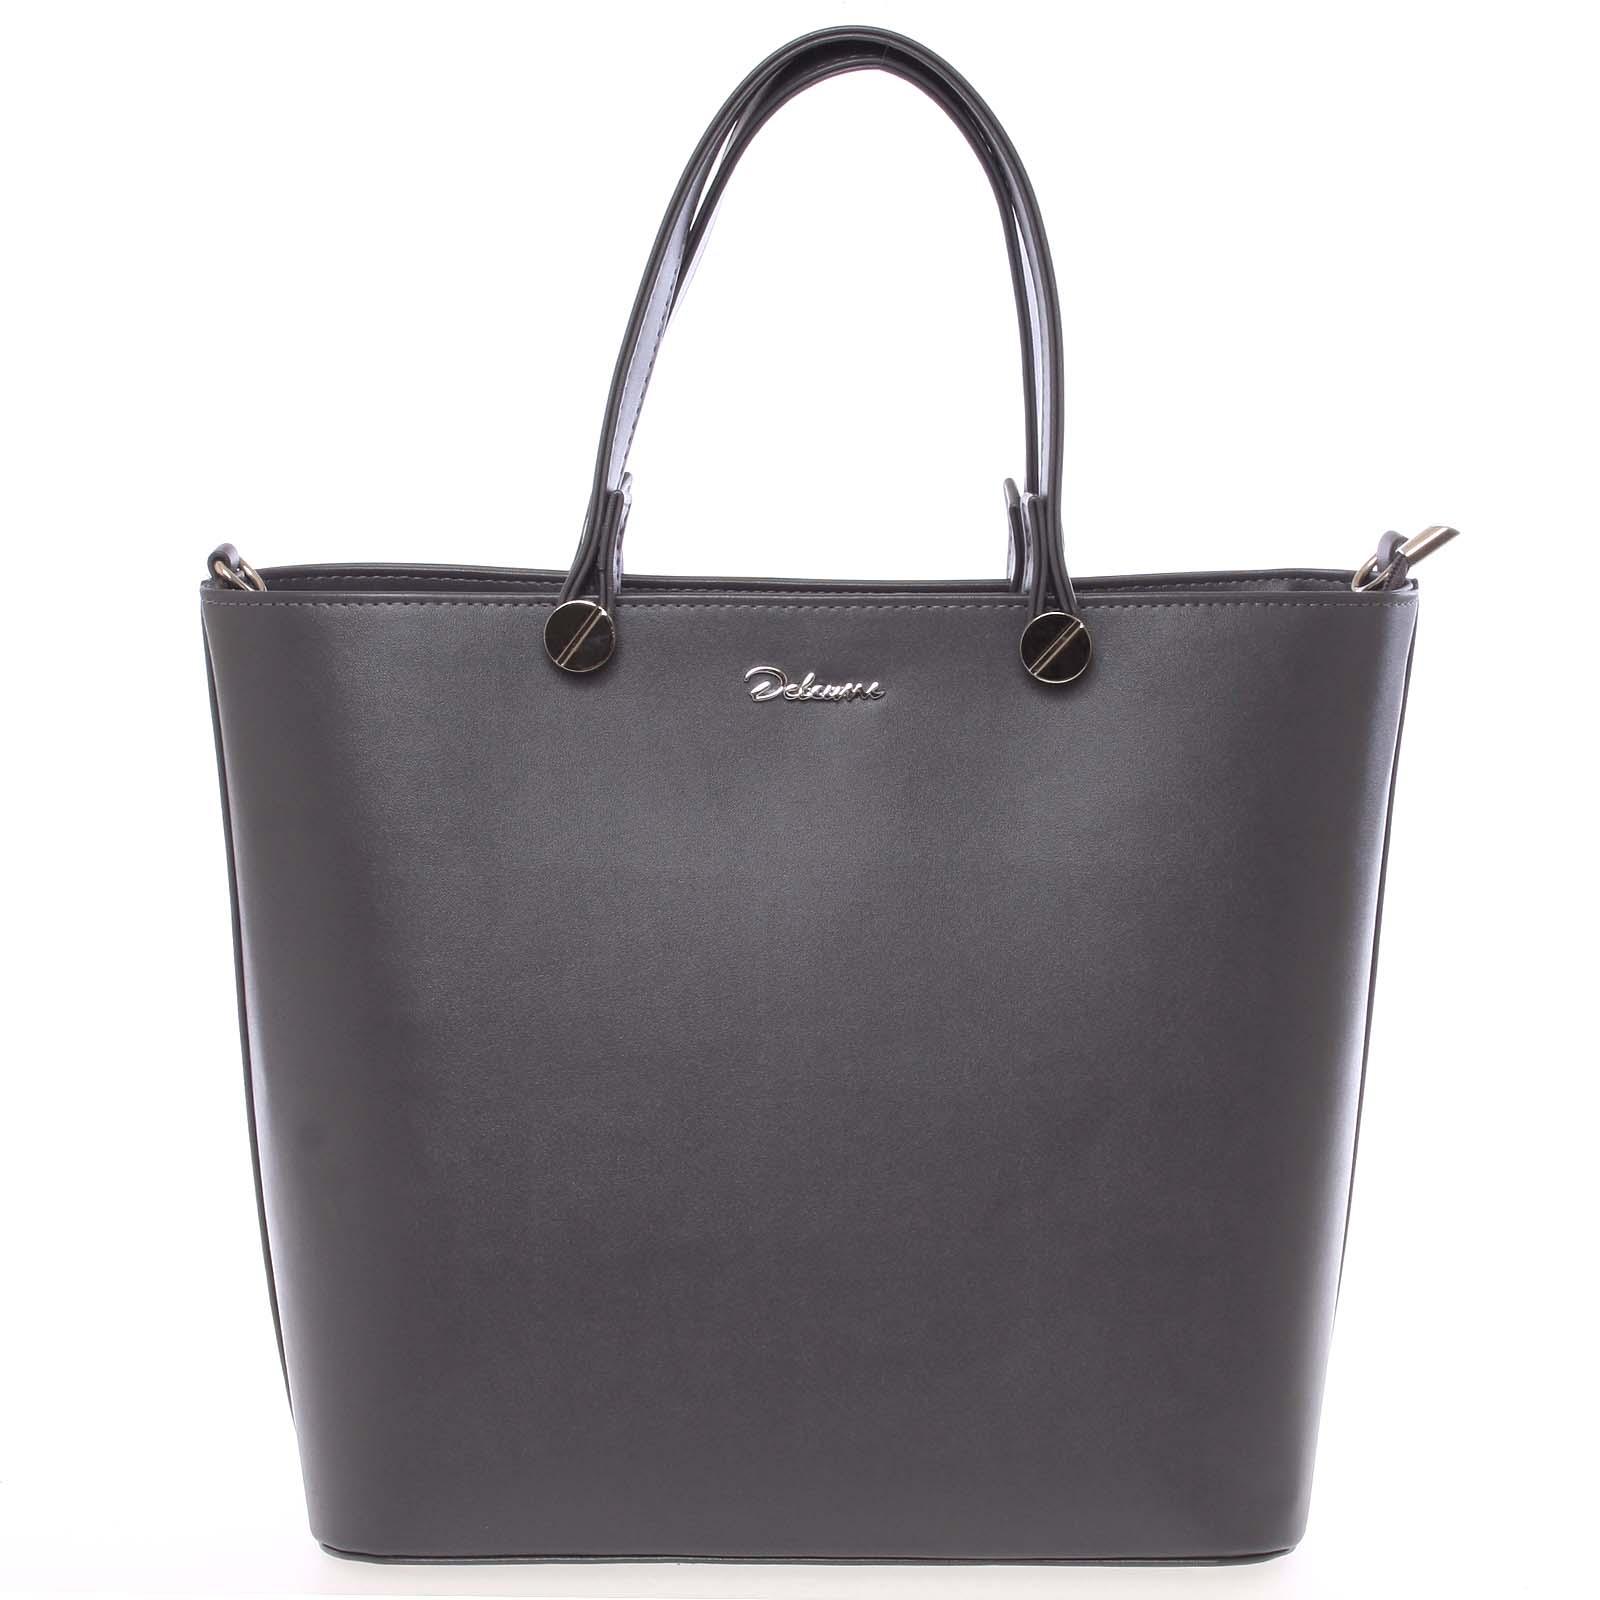 Luxusní tmavě šedá dámská kabelka - Delami Chantal